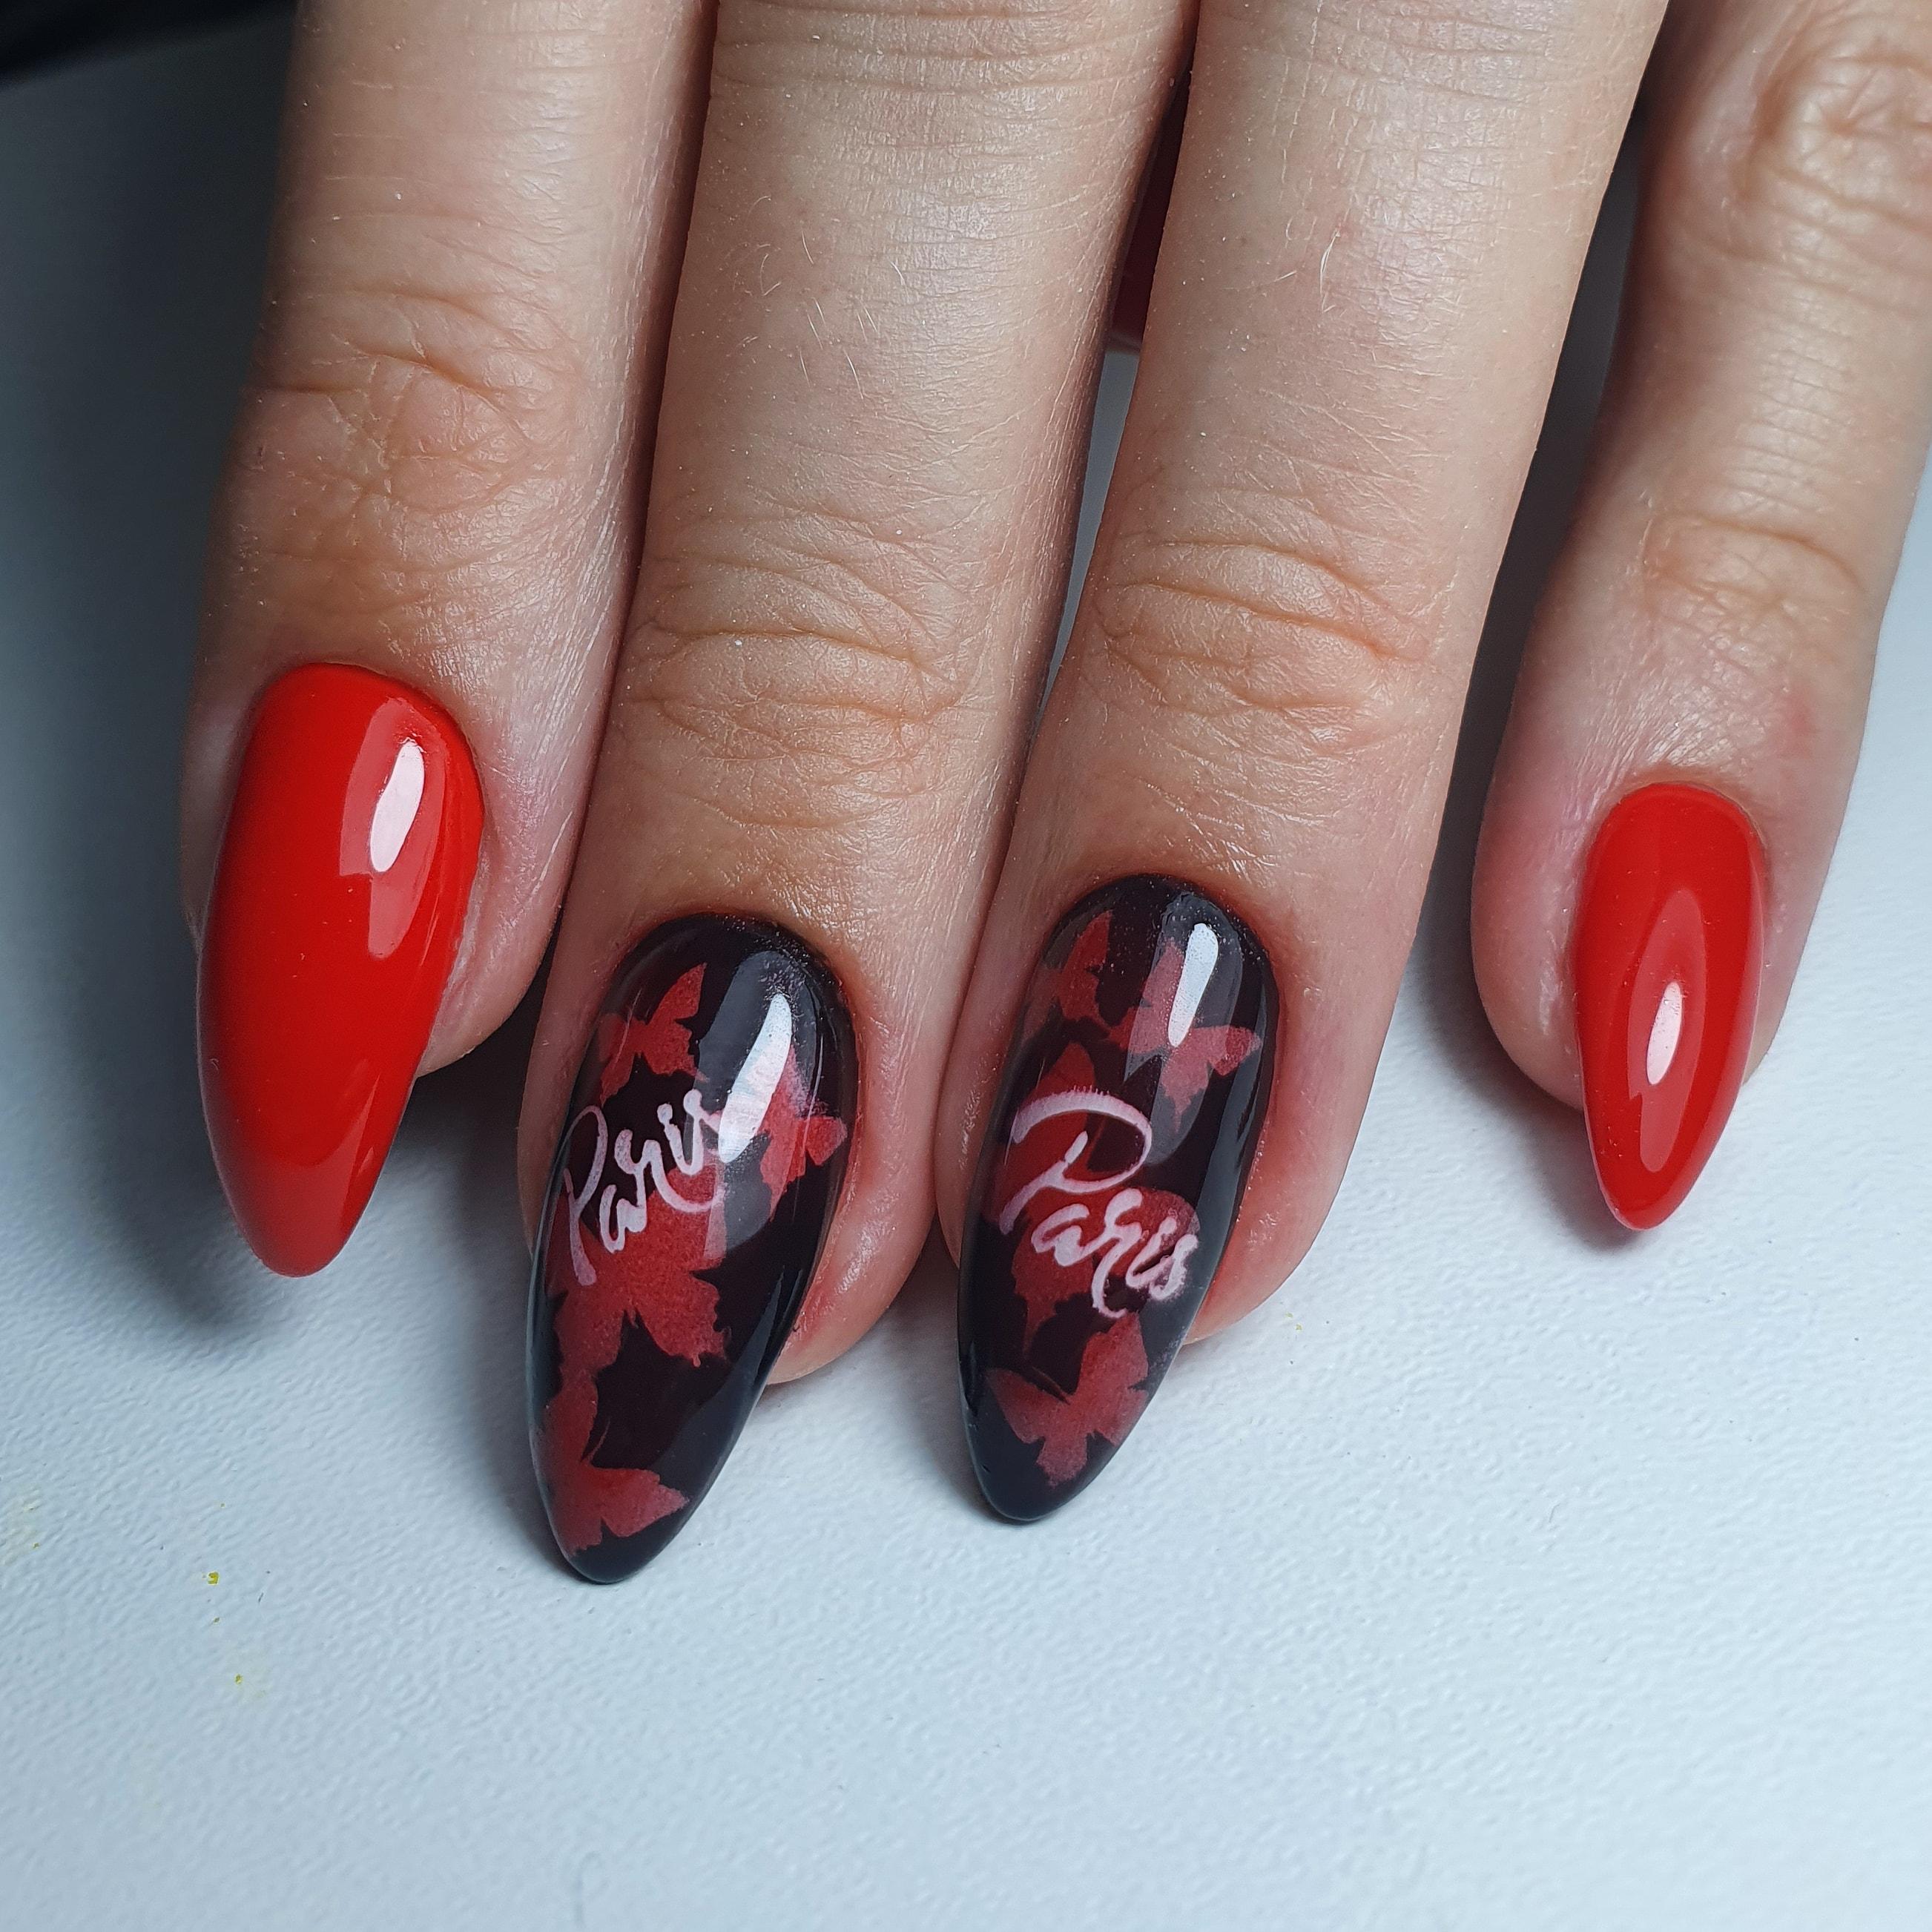 Маникюр с бабочками и надписями в красном цвете на длинные ногти.